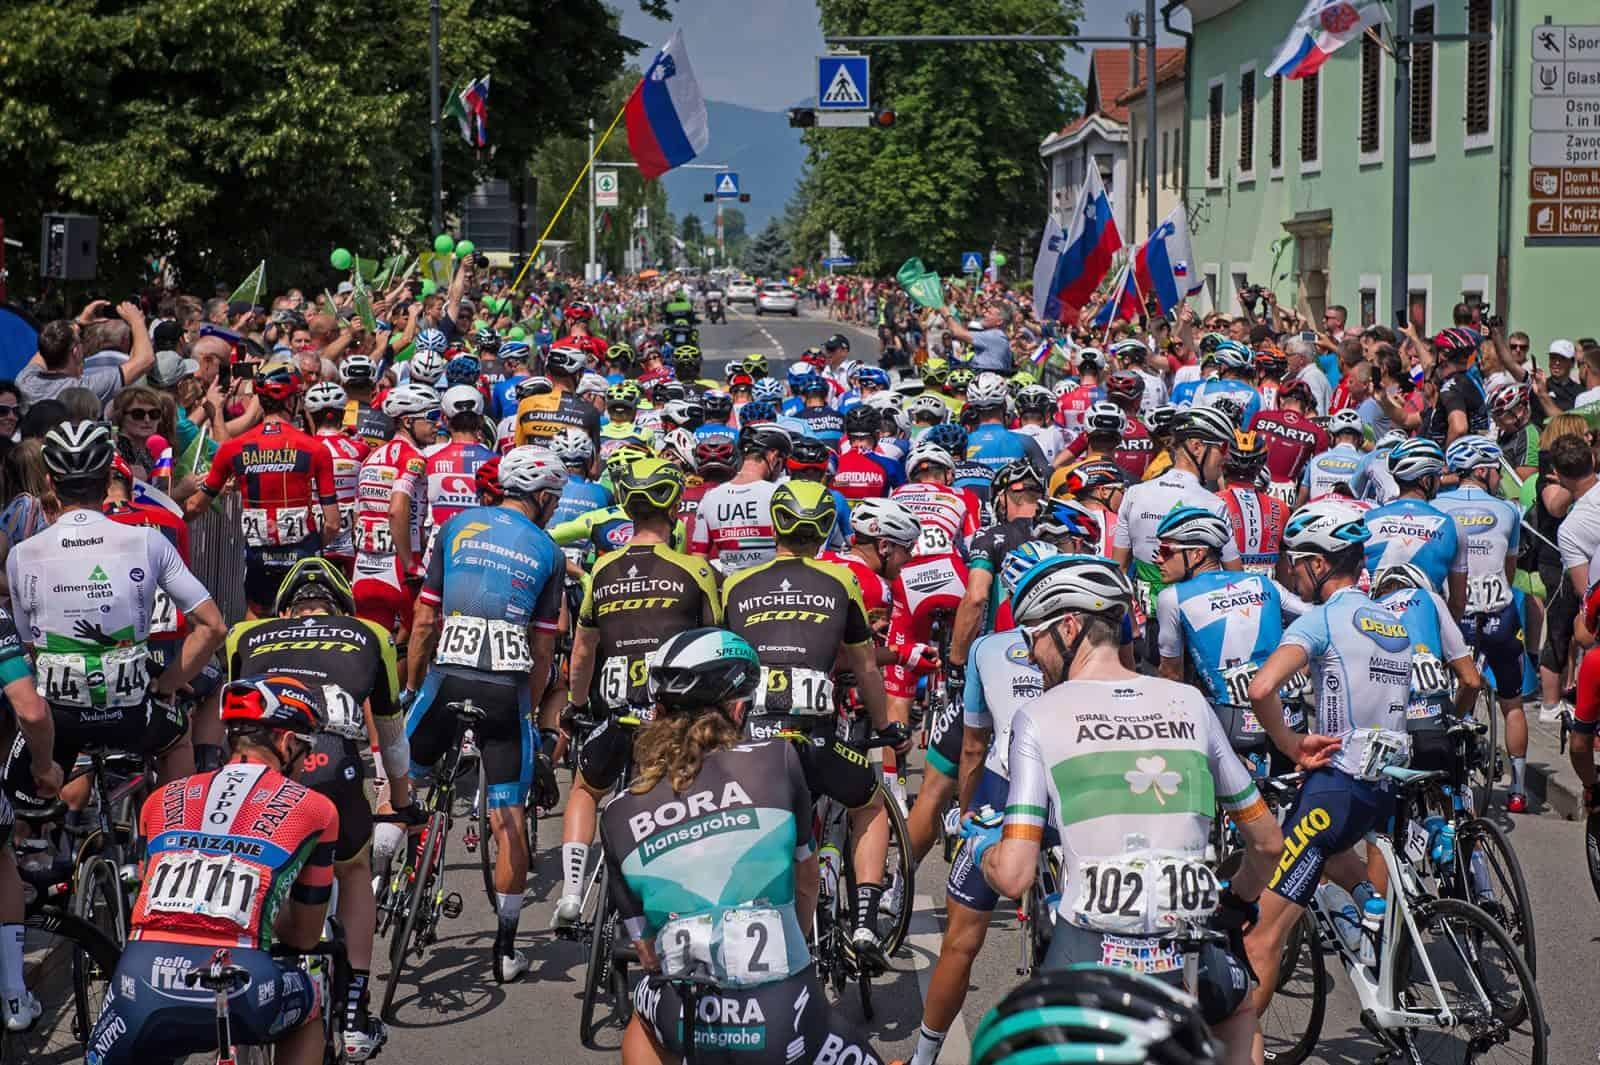 Radsport - Tour of Slovenia - Stage 3 - 21.06.2019  © rené vigneron/rscp-photo.net,